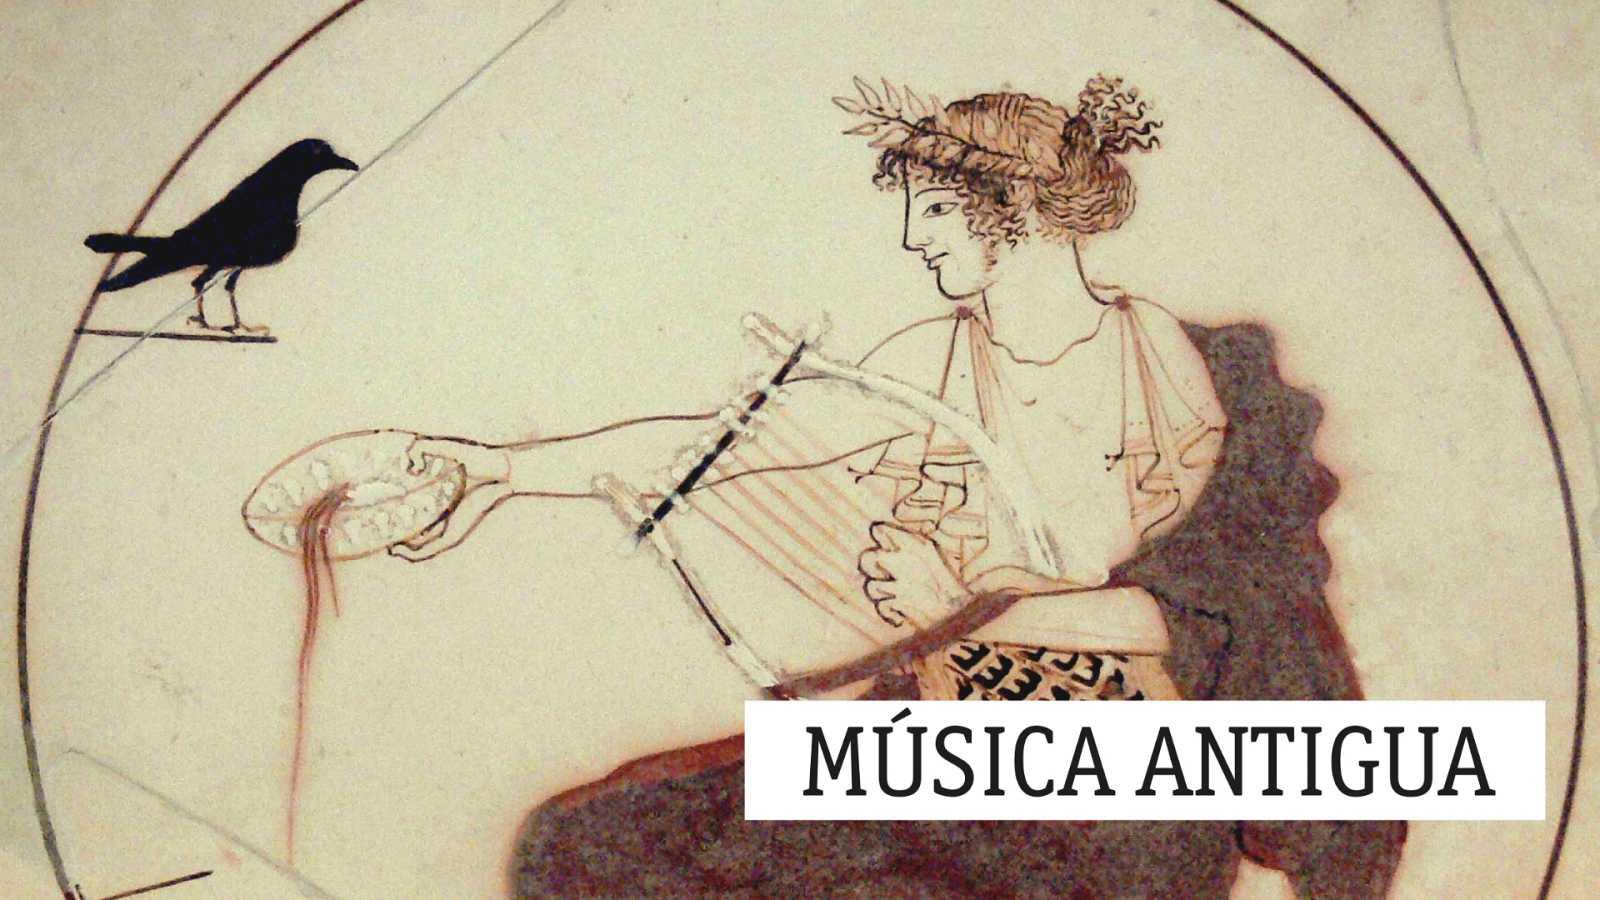 Música antigua - Josquin, Frescobaldi y Bach - 01/12/20 - escuchar ahora